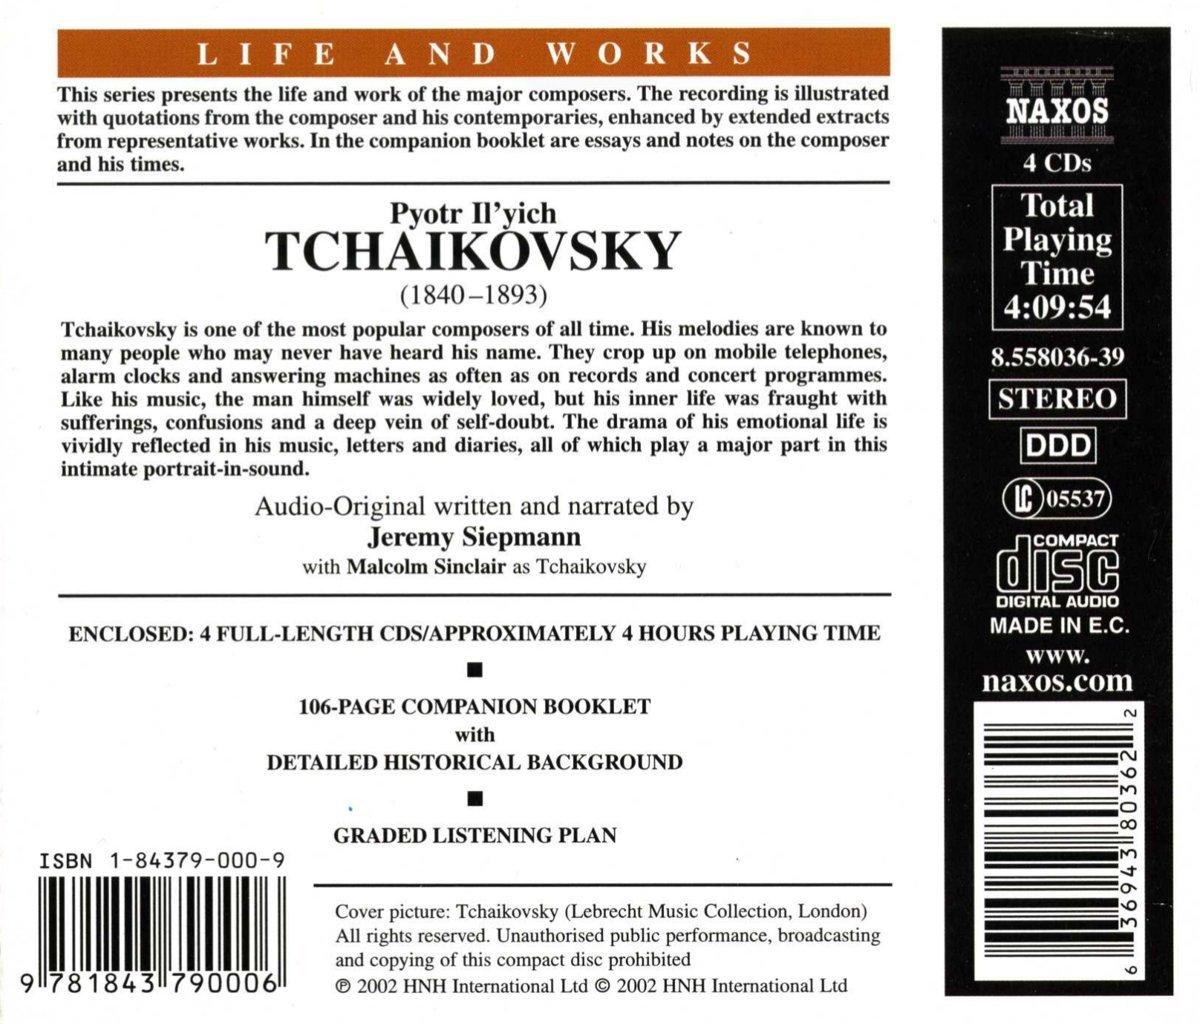 Life & Works of Tchaikovsky by Naxos Educational